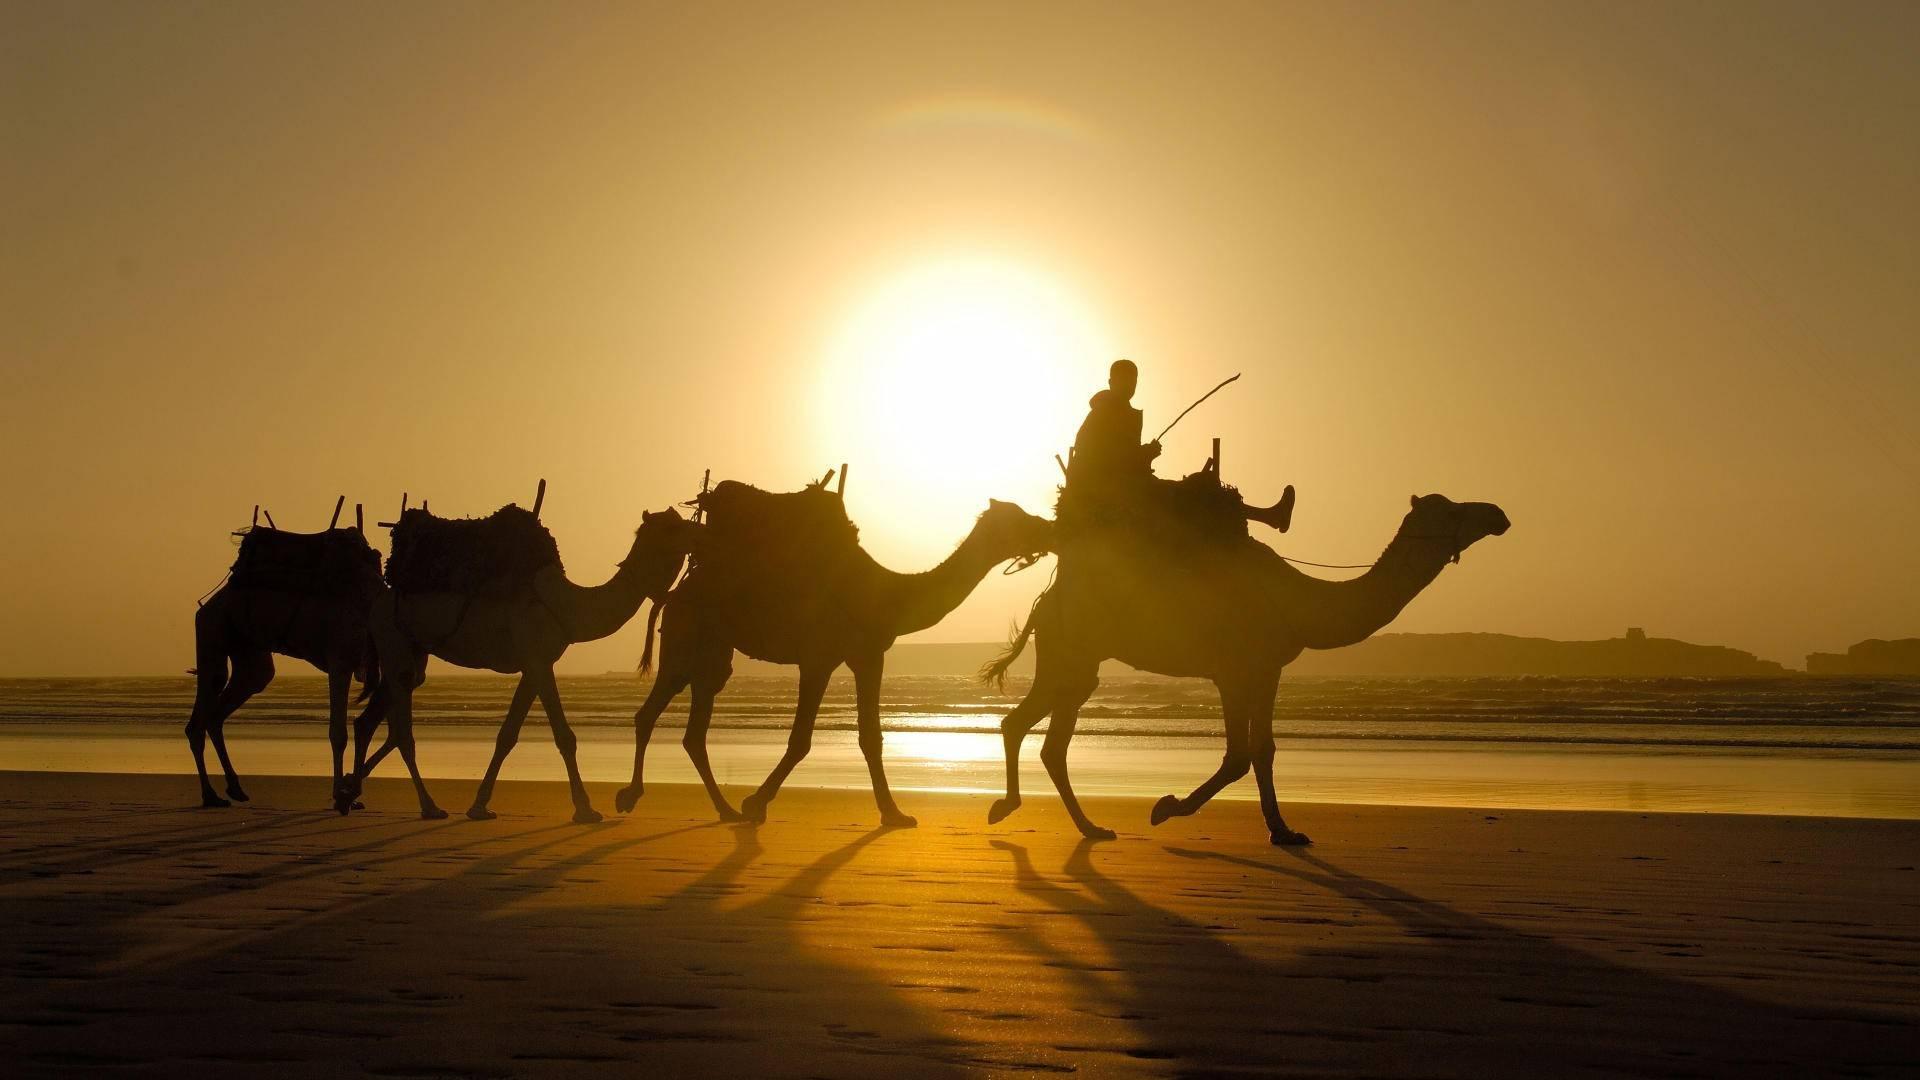 Cool Camel Wallpaper